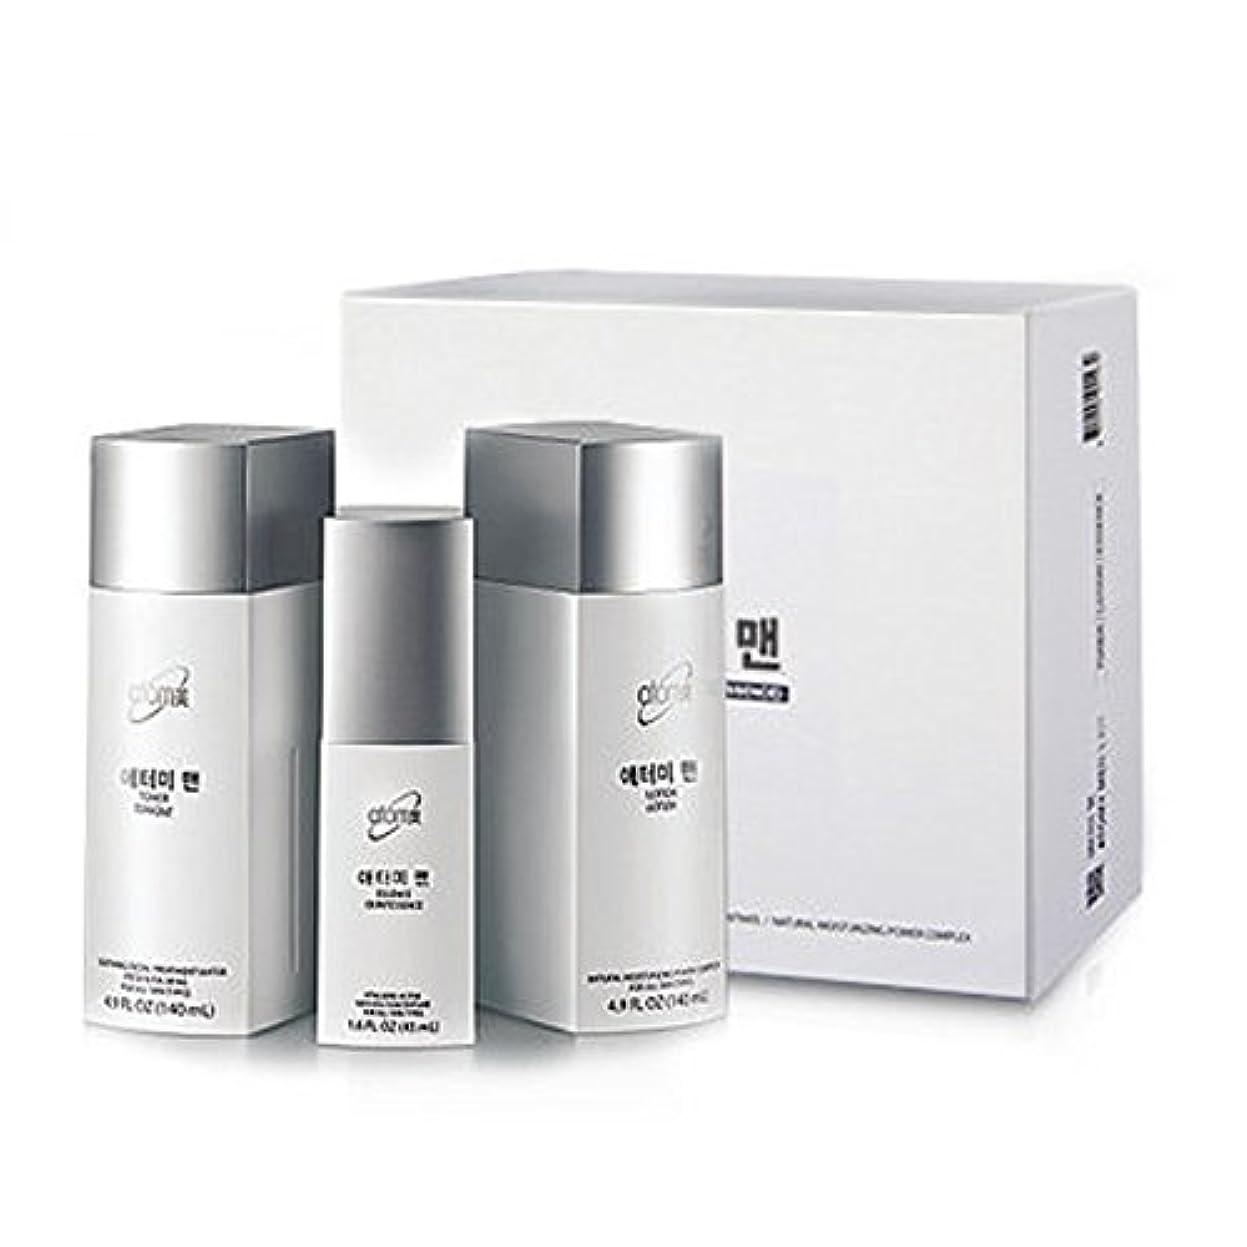 口実圧縮液体ATOMY Men Care Set アトミ メンズケアセット 基礎化粧品 トナー+ローション+エッセンス 2セット [並行輸入品]